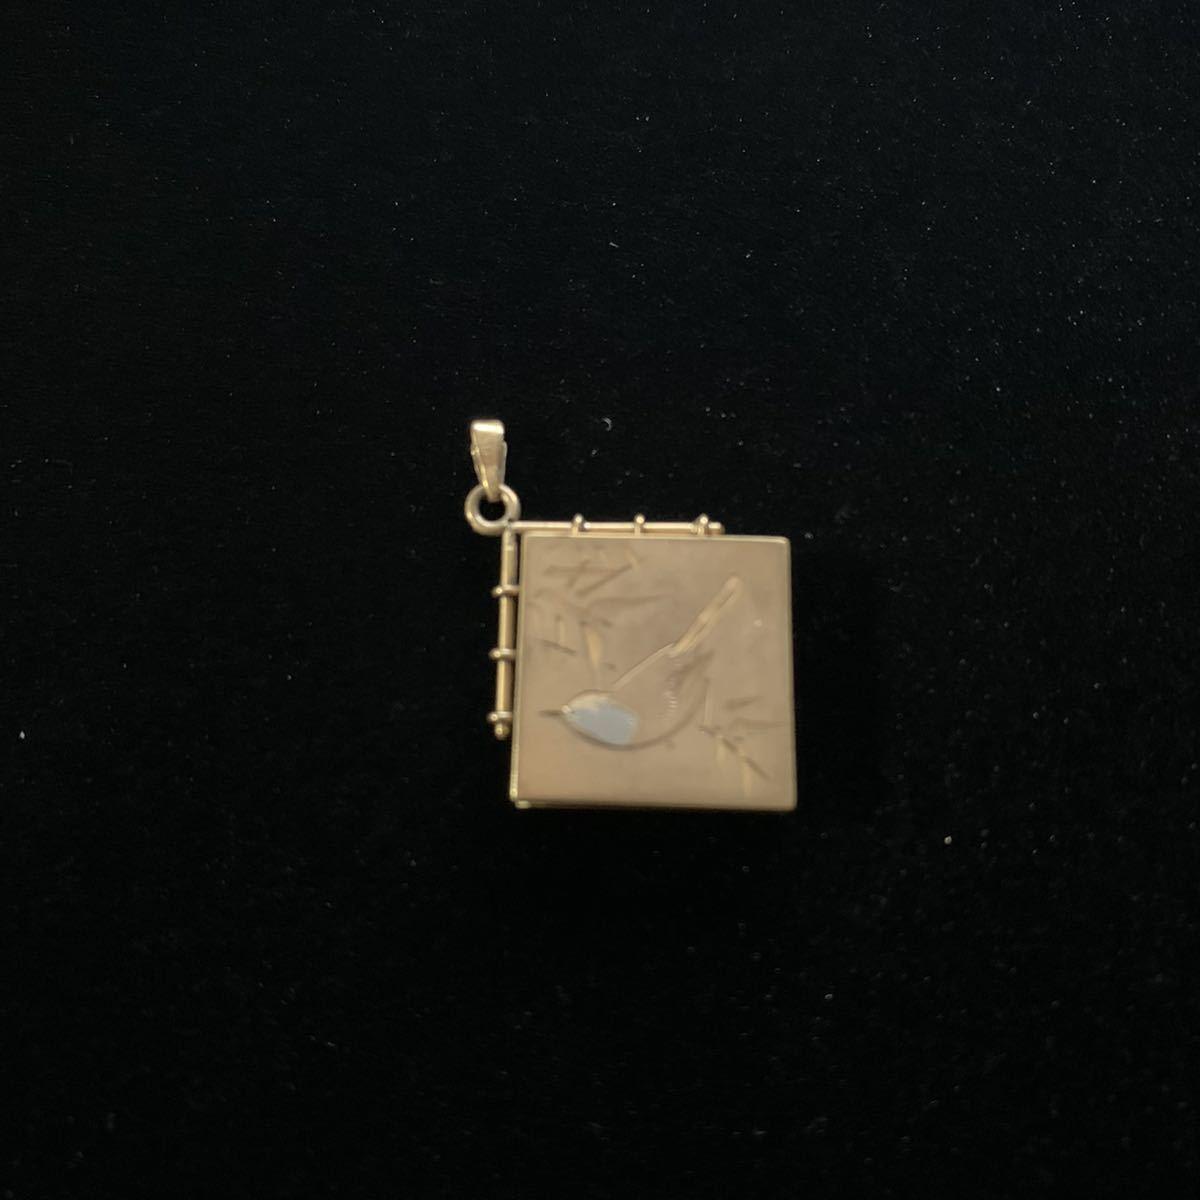 金製 方位磁石 ミニチュア k18 4.1g アンティーク 象嵌彫刻